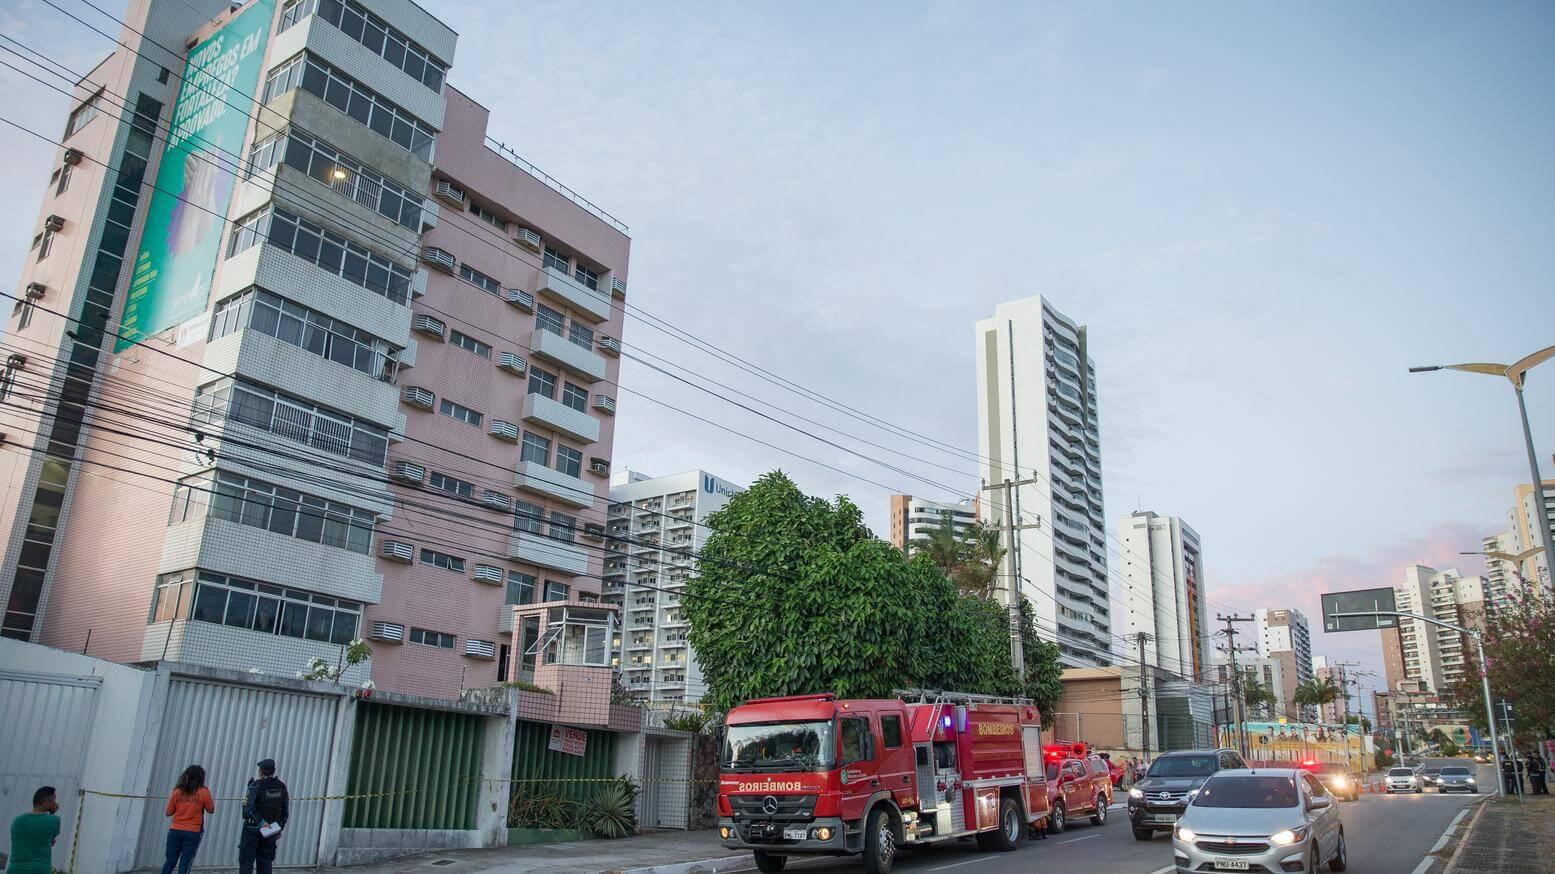 Caminhão de bombeiro parado em frente à um prédio antigo associando à vistoria do corpo de bombeiros em condomínios